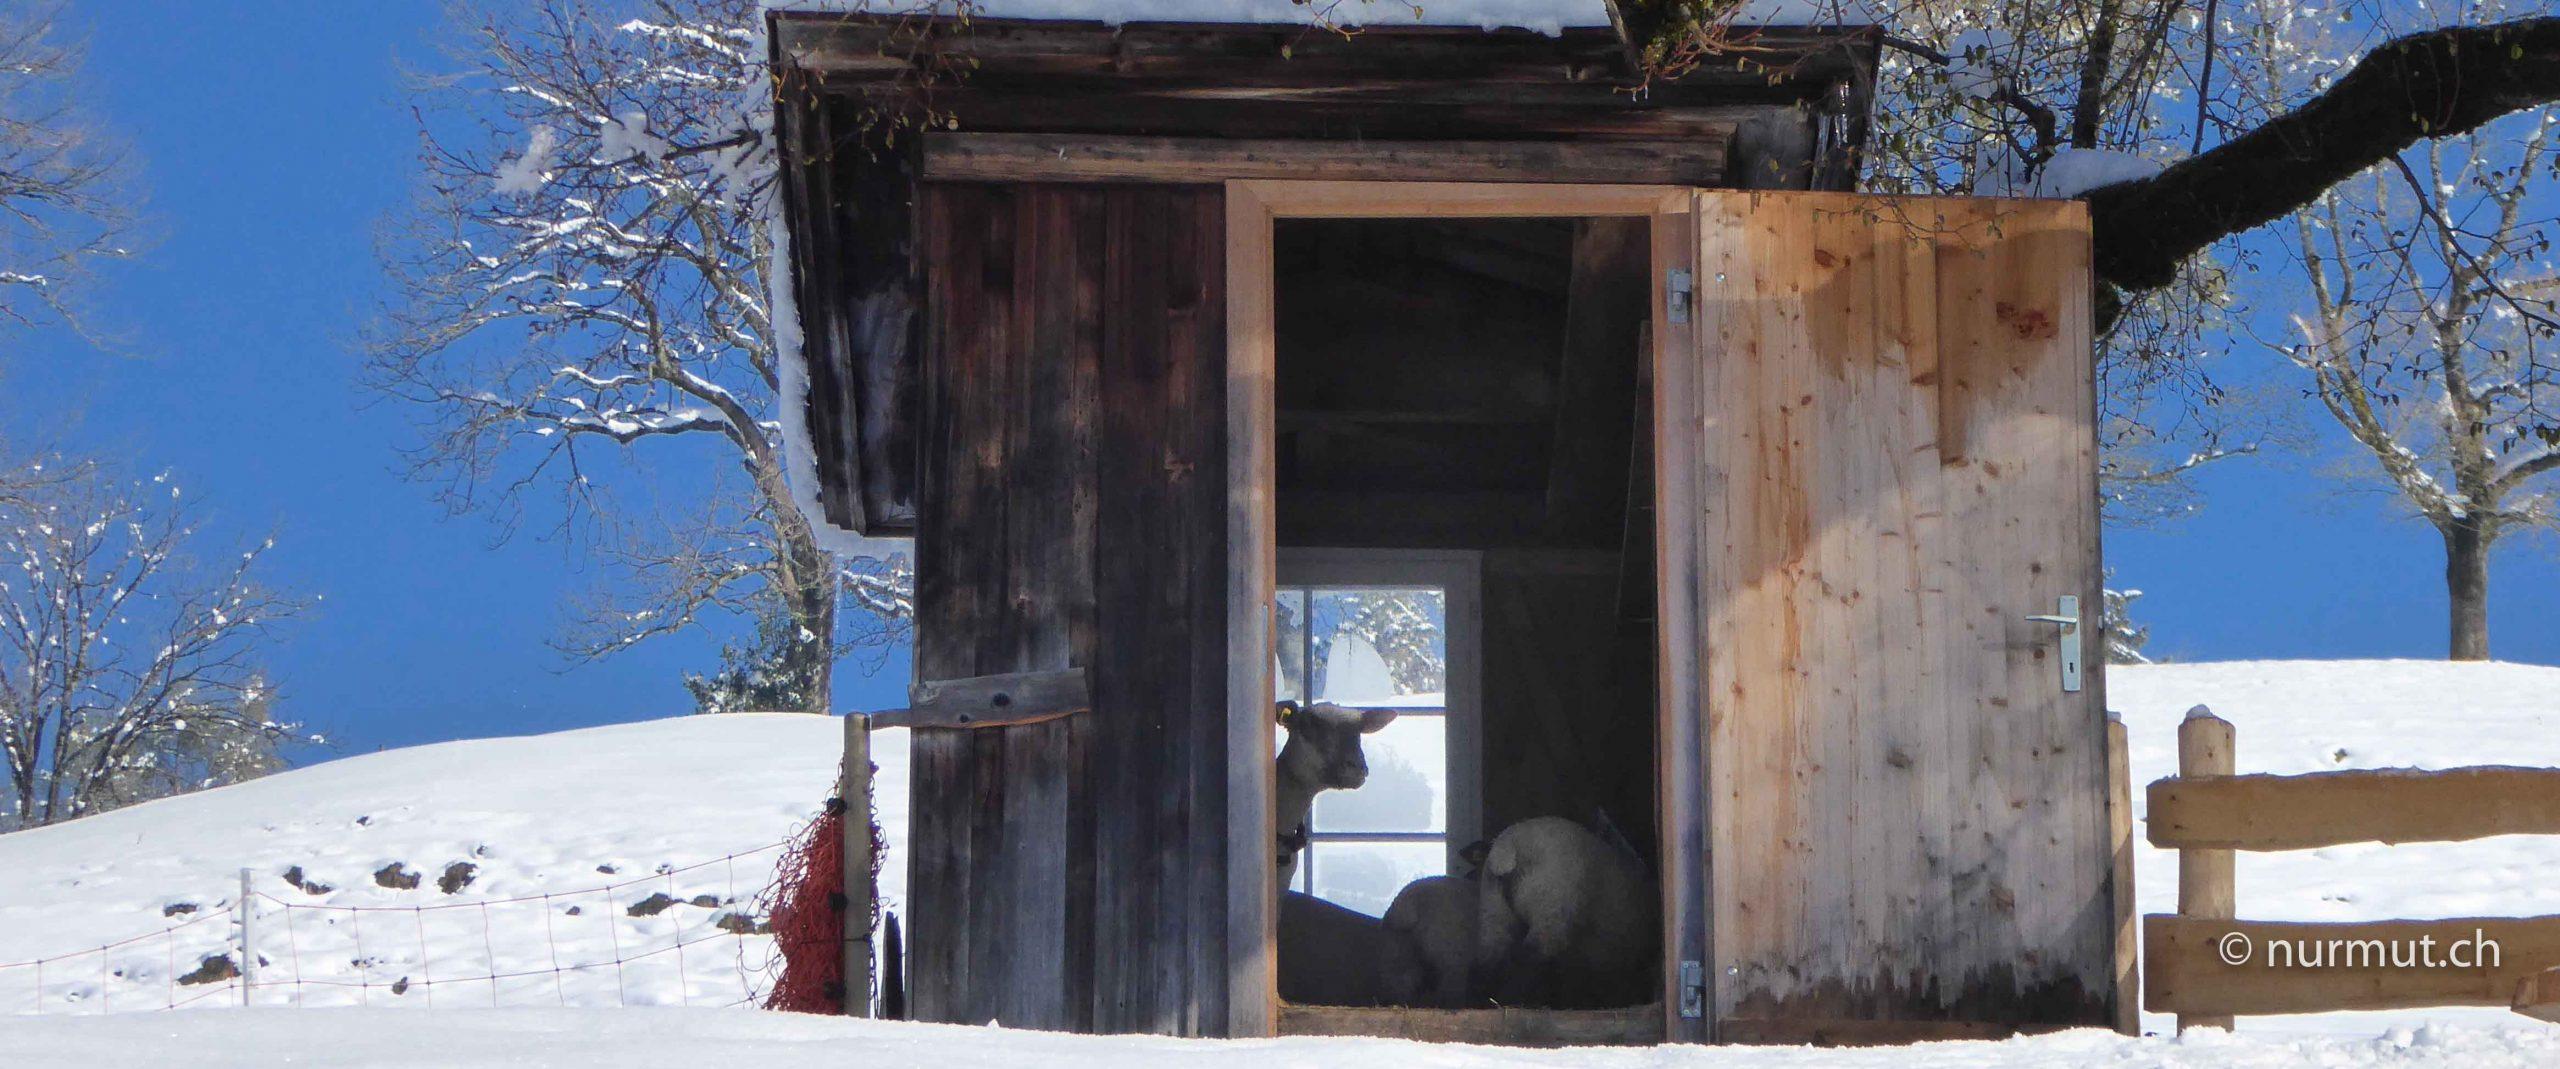 winterwanderung-mit-hund-im-appenzellerland-hier-ist-nicht-alles-kaese